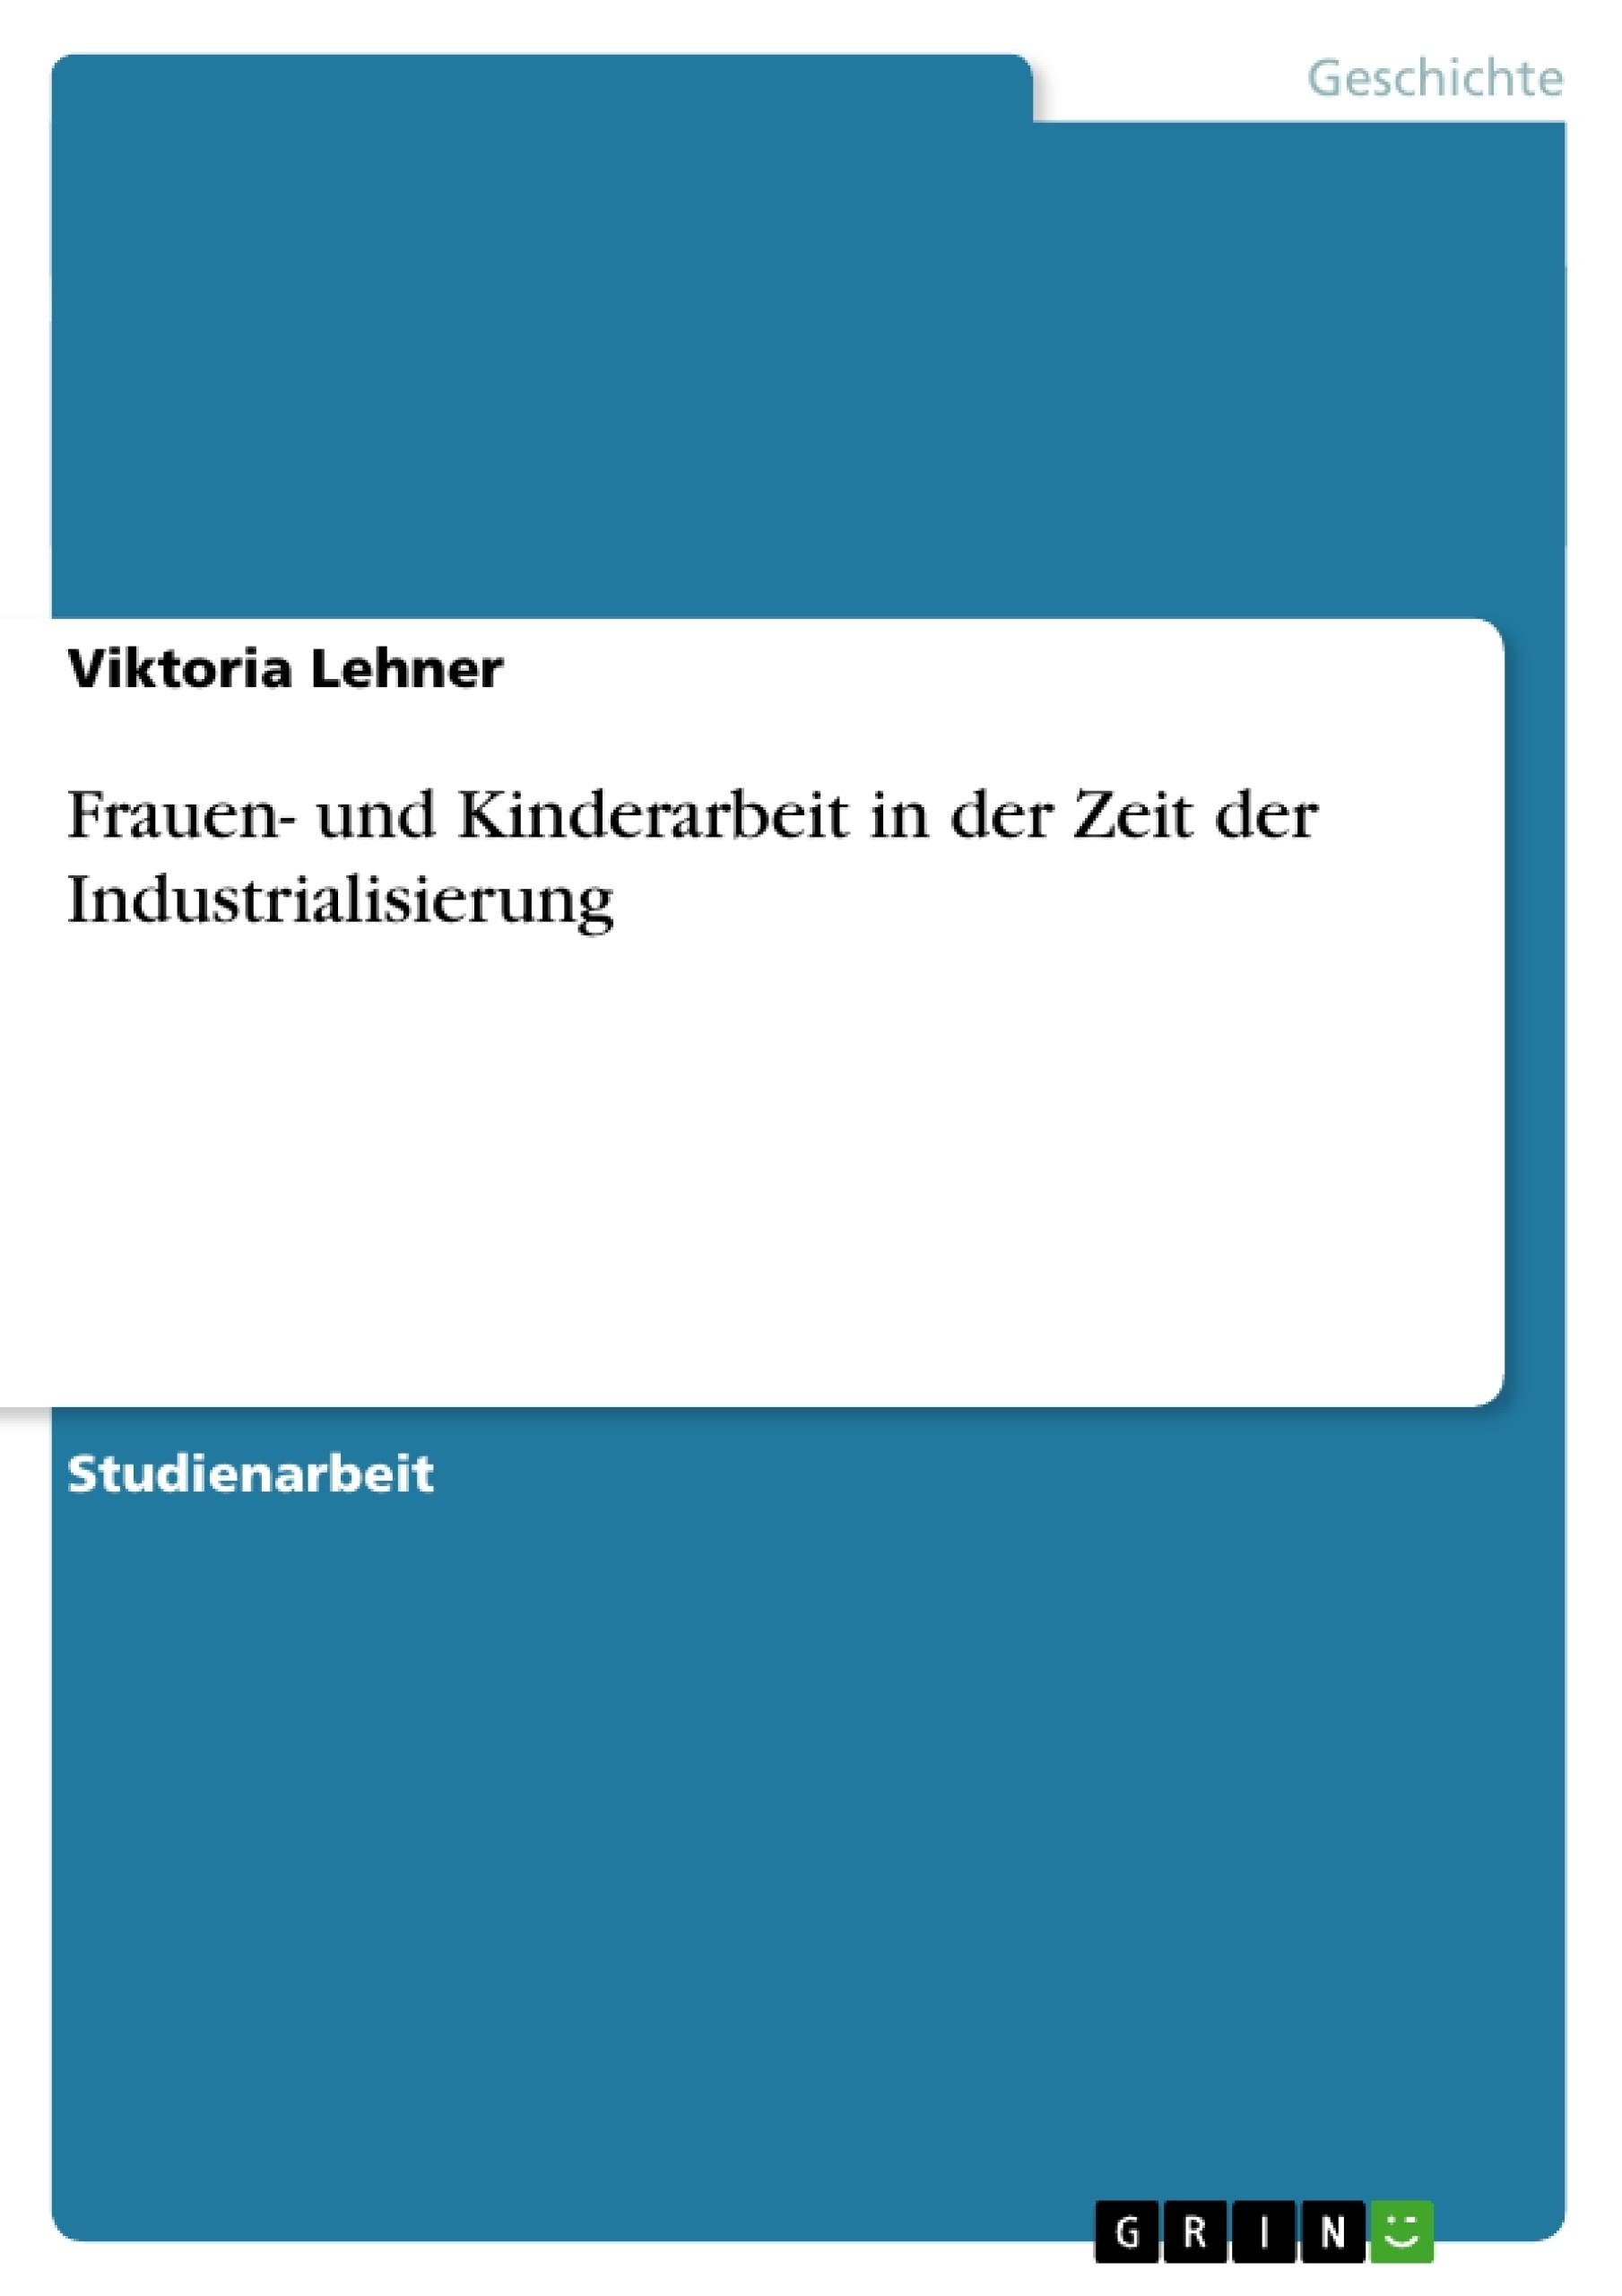 Titel: Frauen- und Kinderarbeit in der Zeit der Industrialisierung